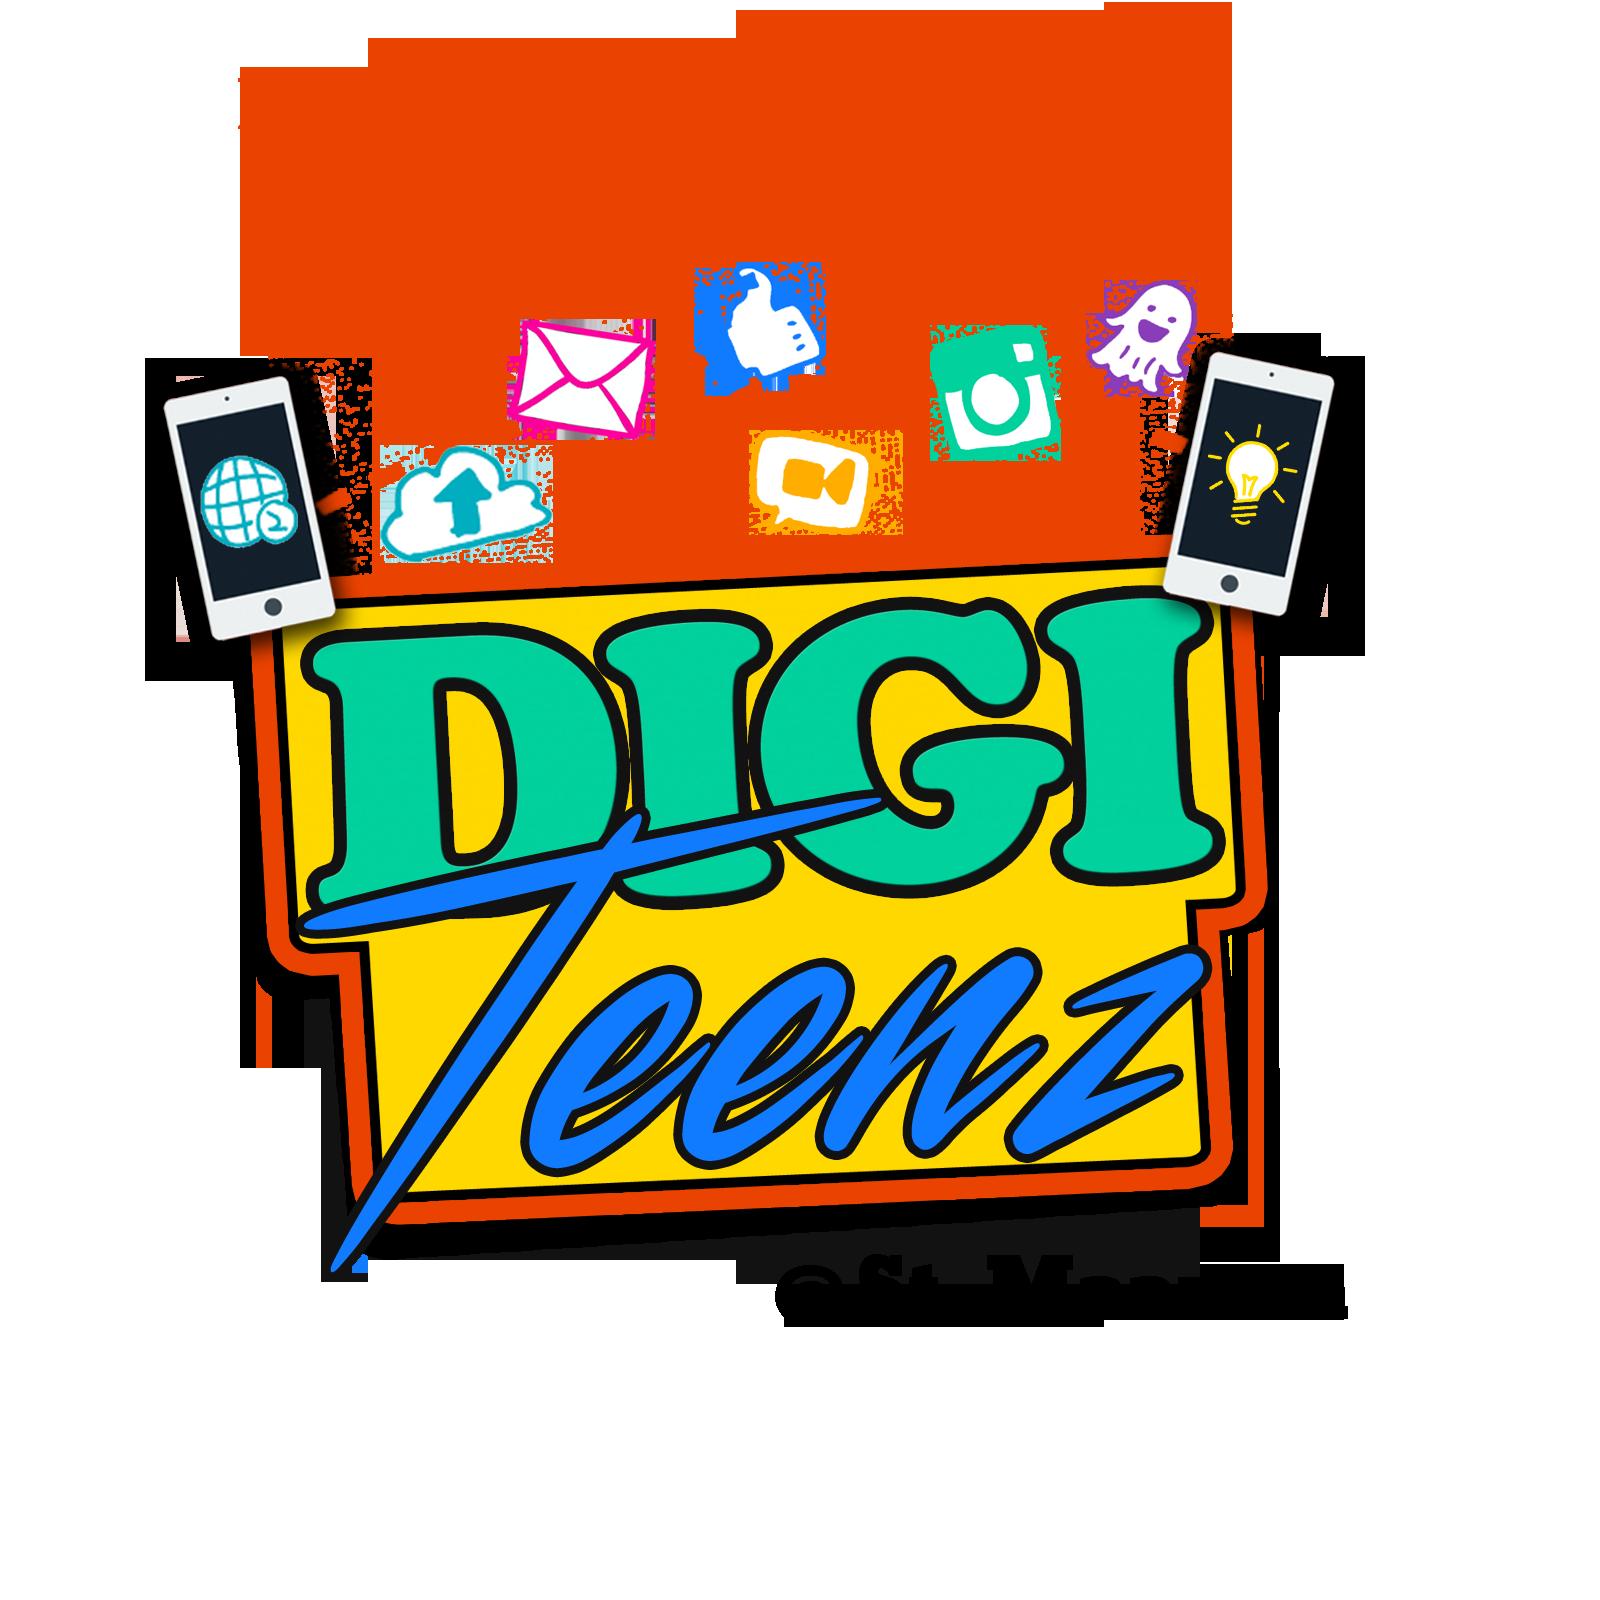 DigiTeenz